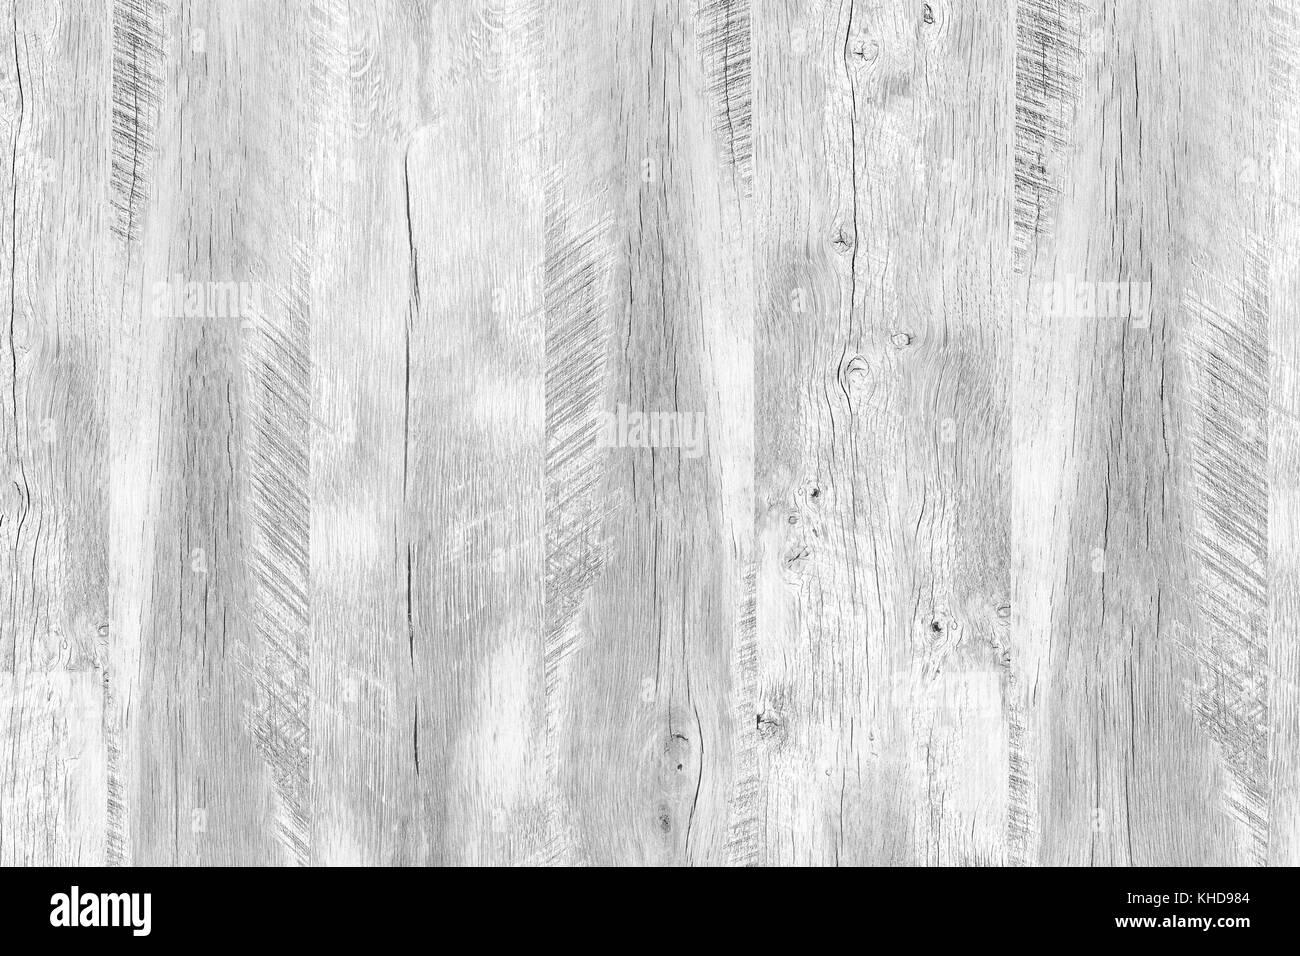 Legno Naturale Bianco : Texture di legno con modelli di naturale bianco lavato texture di